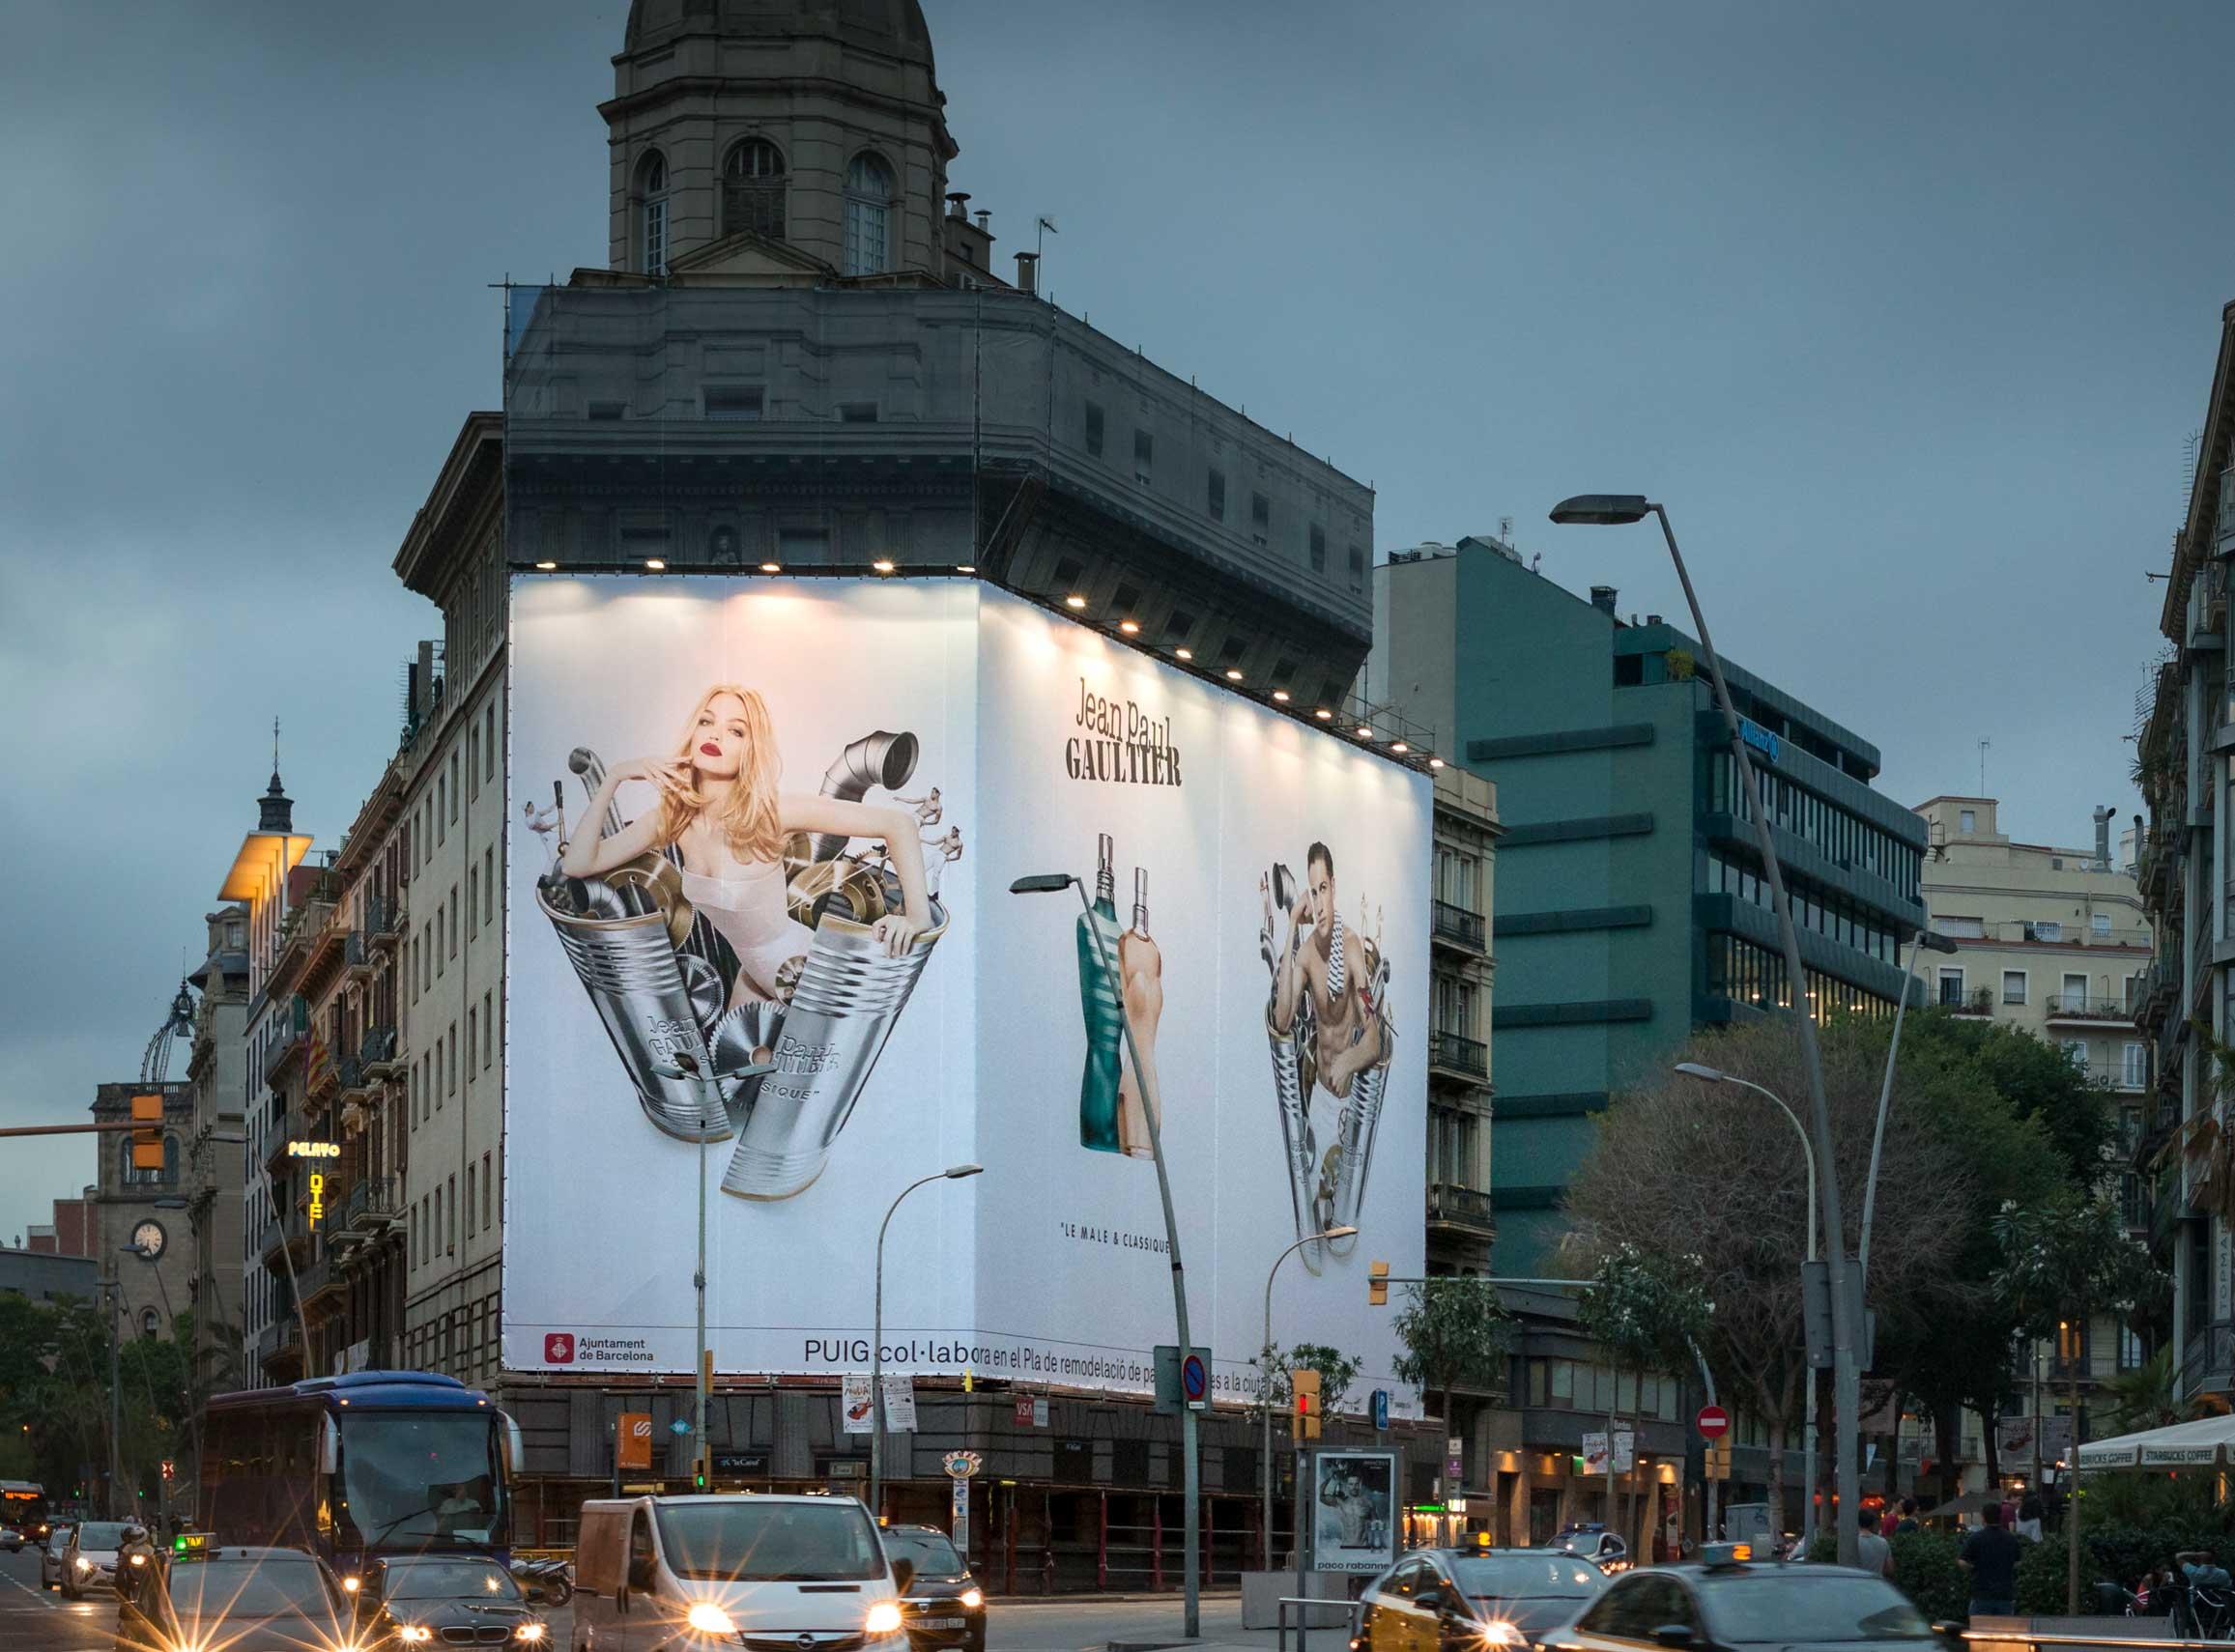 lona-publicitaria-barcelona-balmes-1-jean-paul-gaultier-male-classique-2-vsa-comunicacion